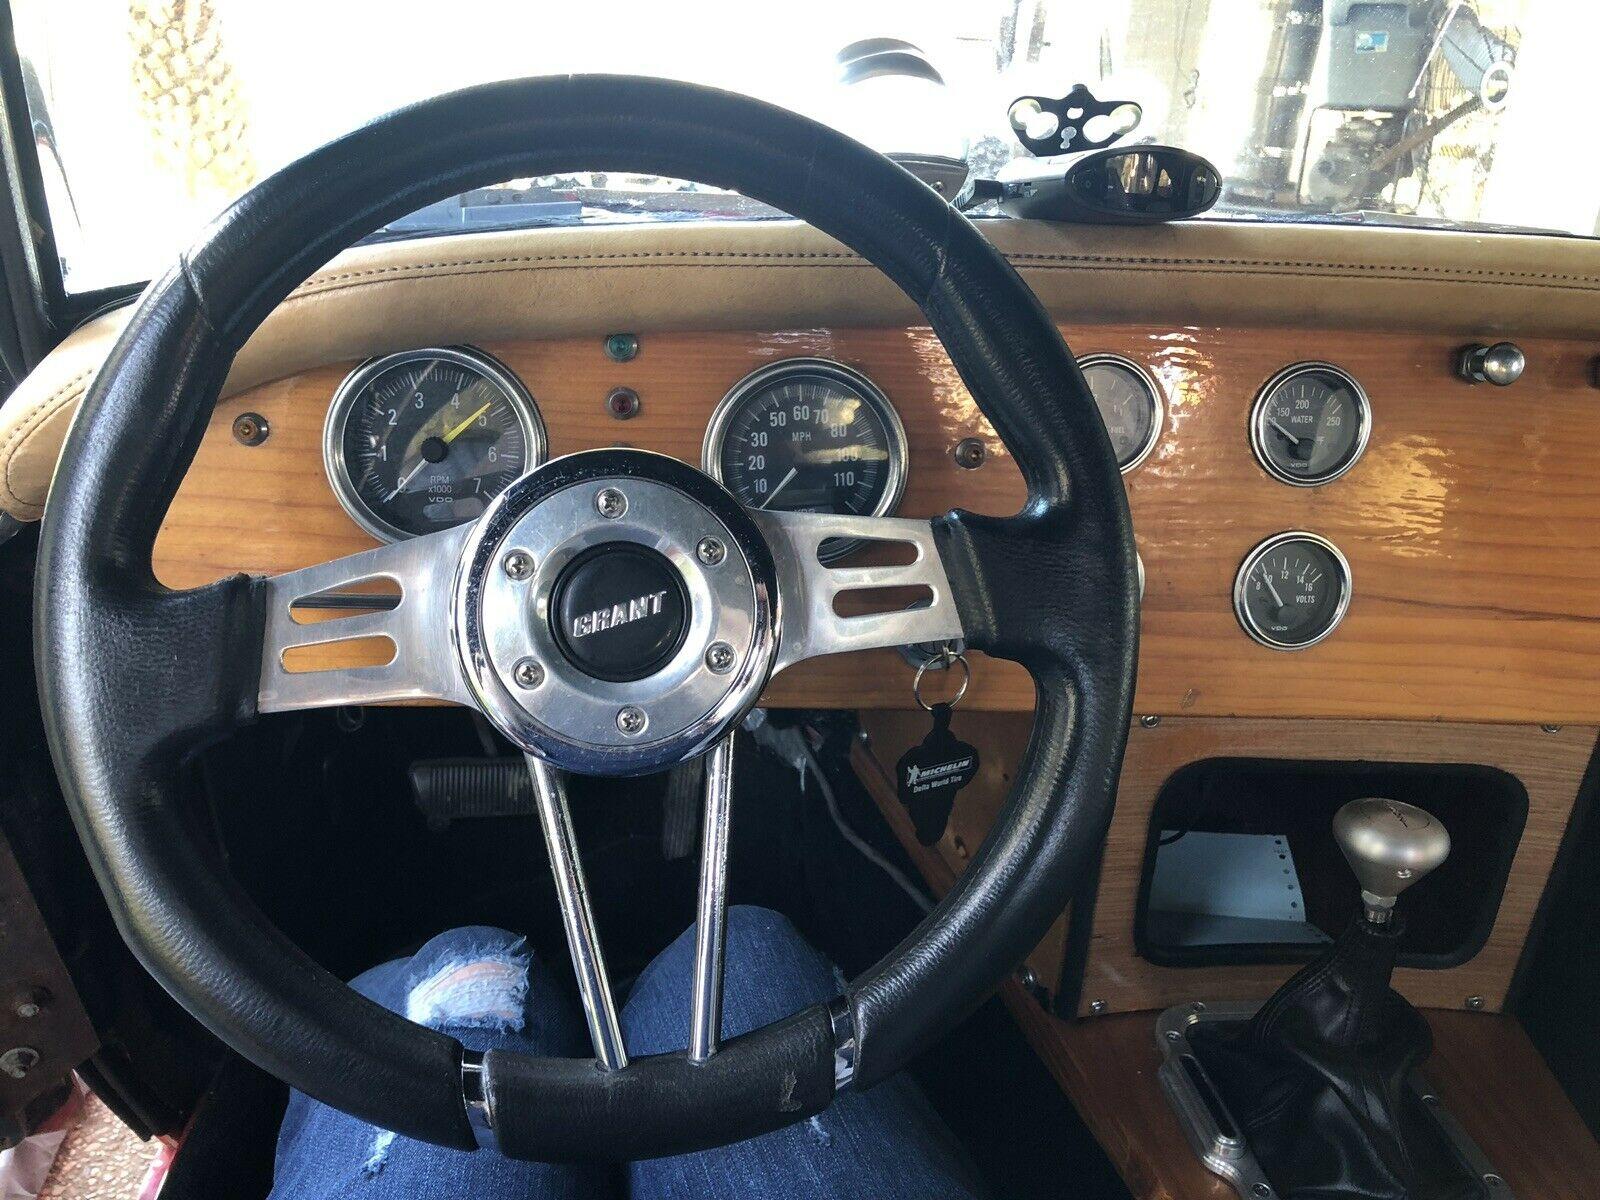 1962 Austin Healey 3000 steering wheel